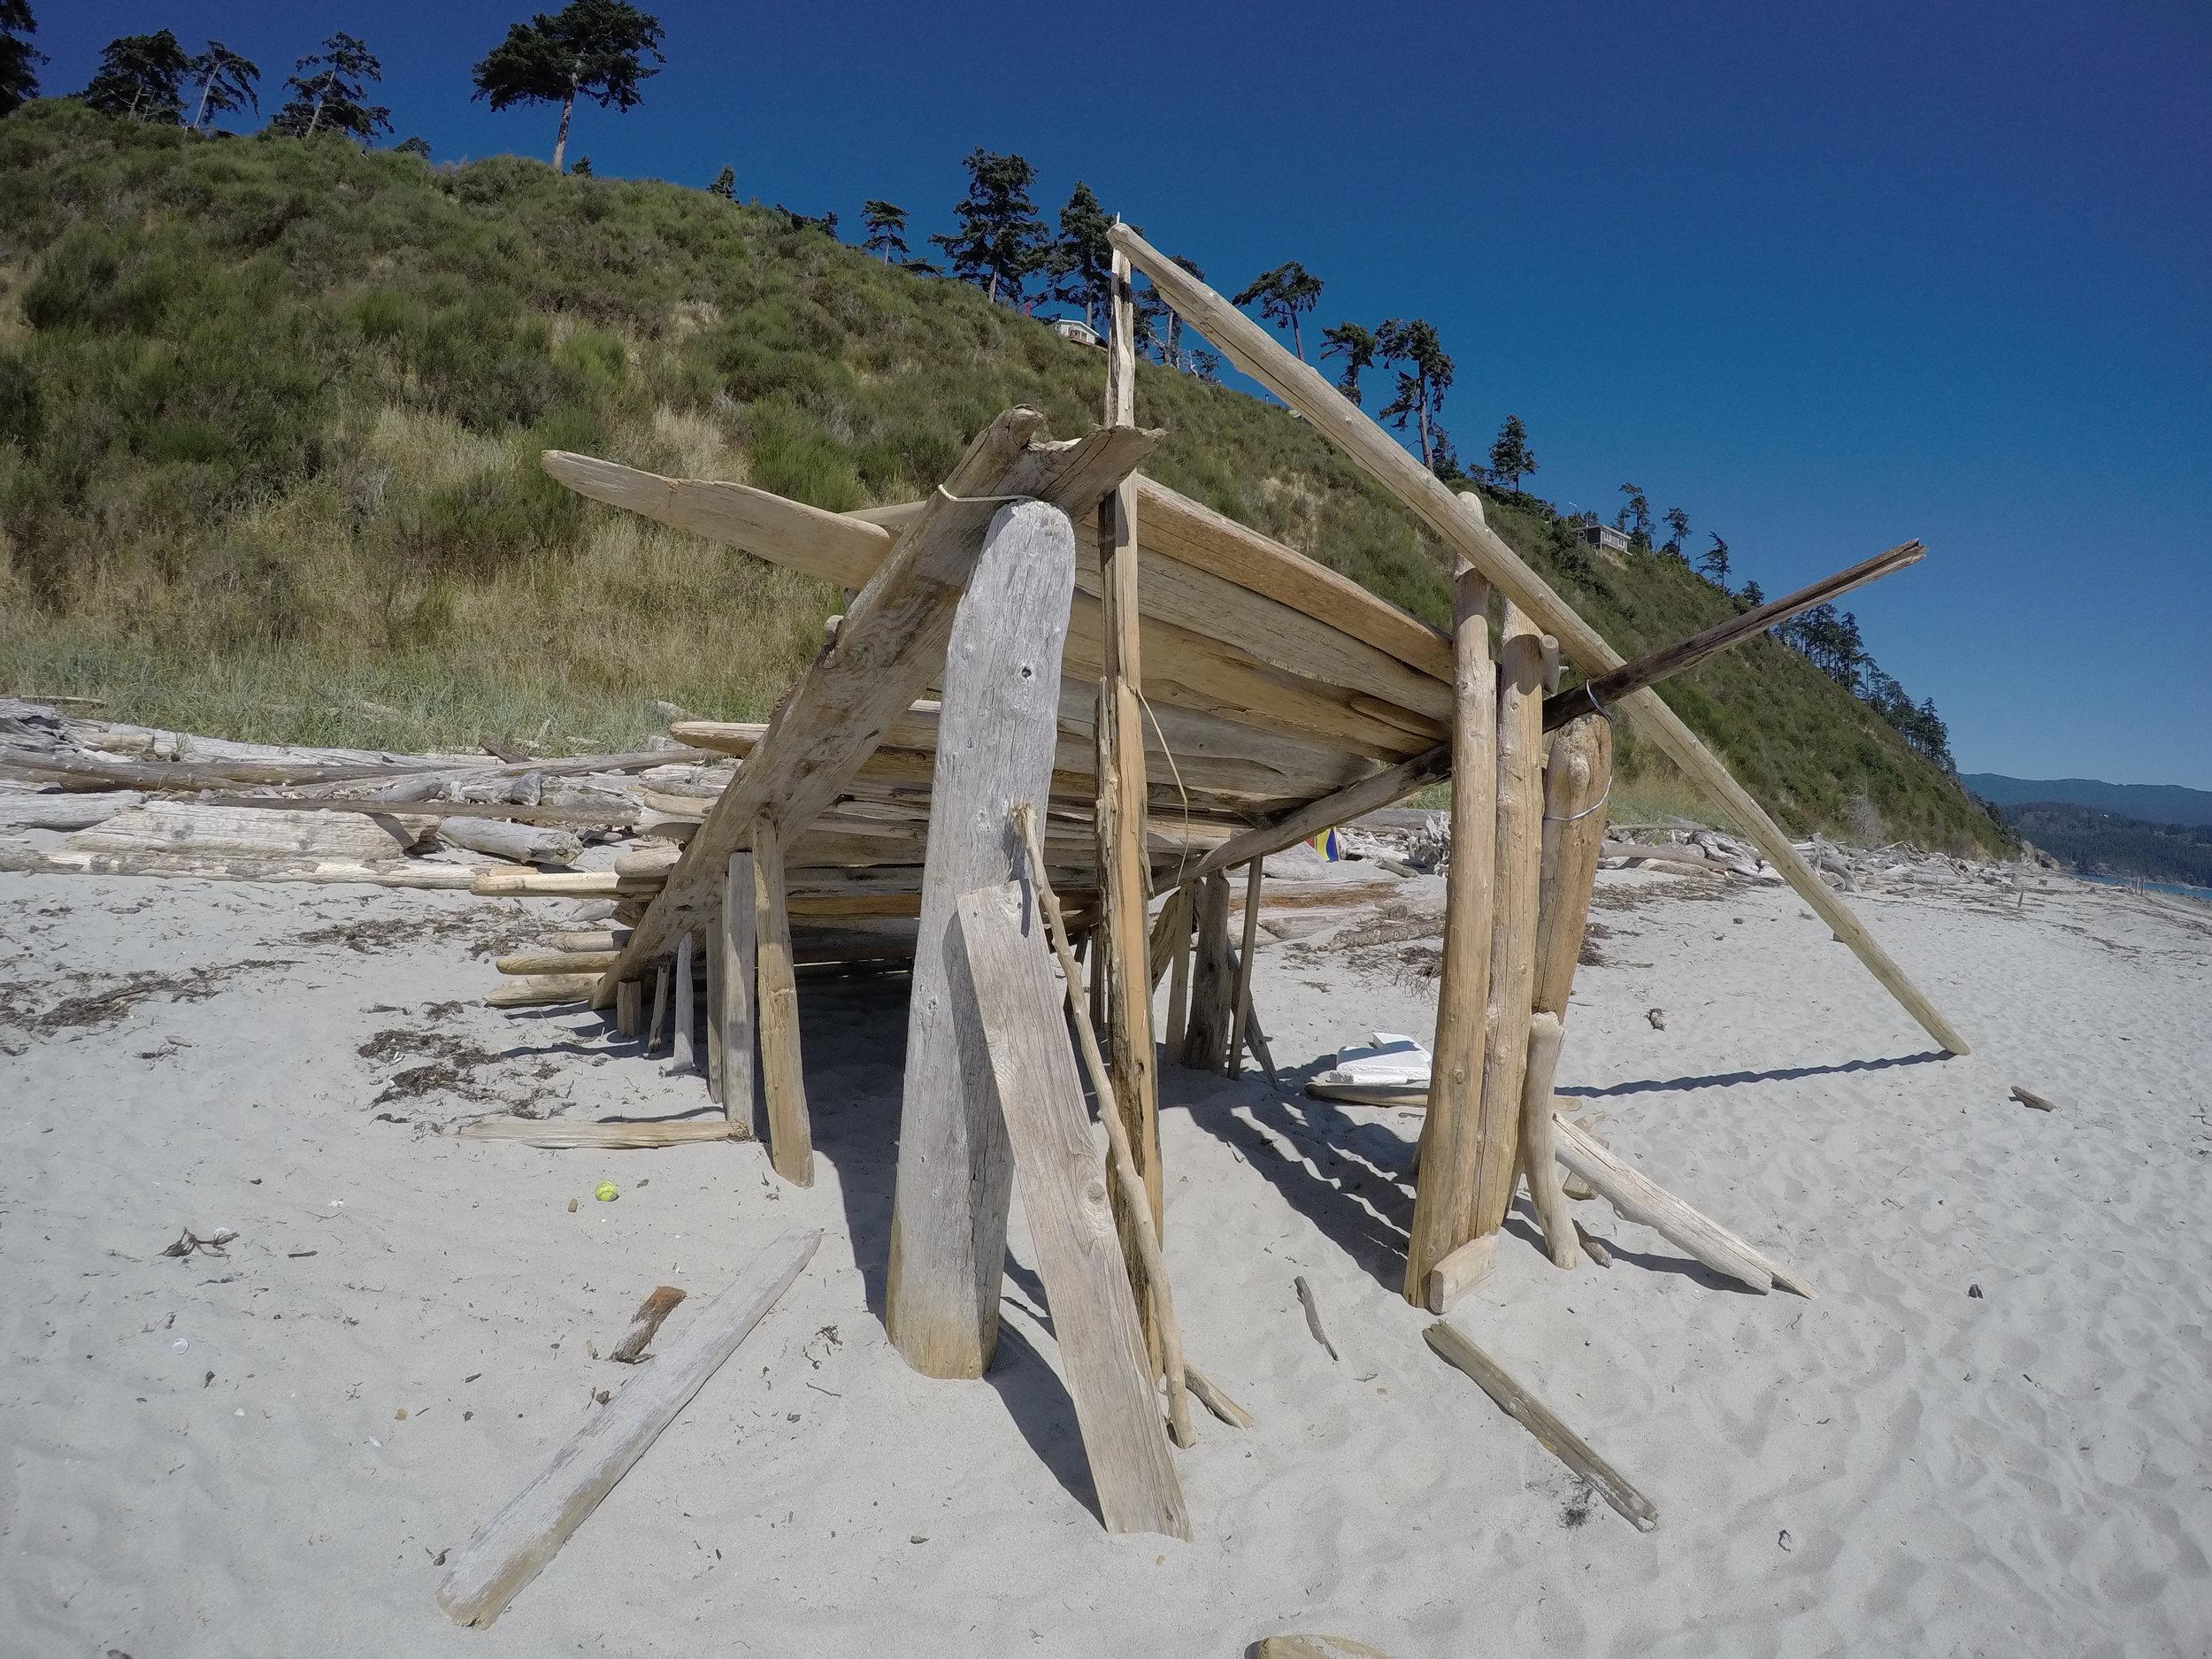 savary island sandy beach bliss